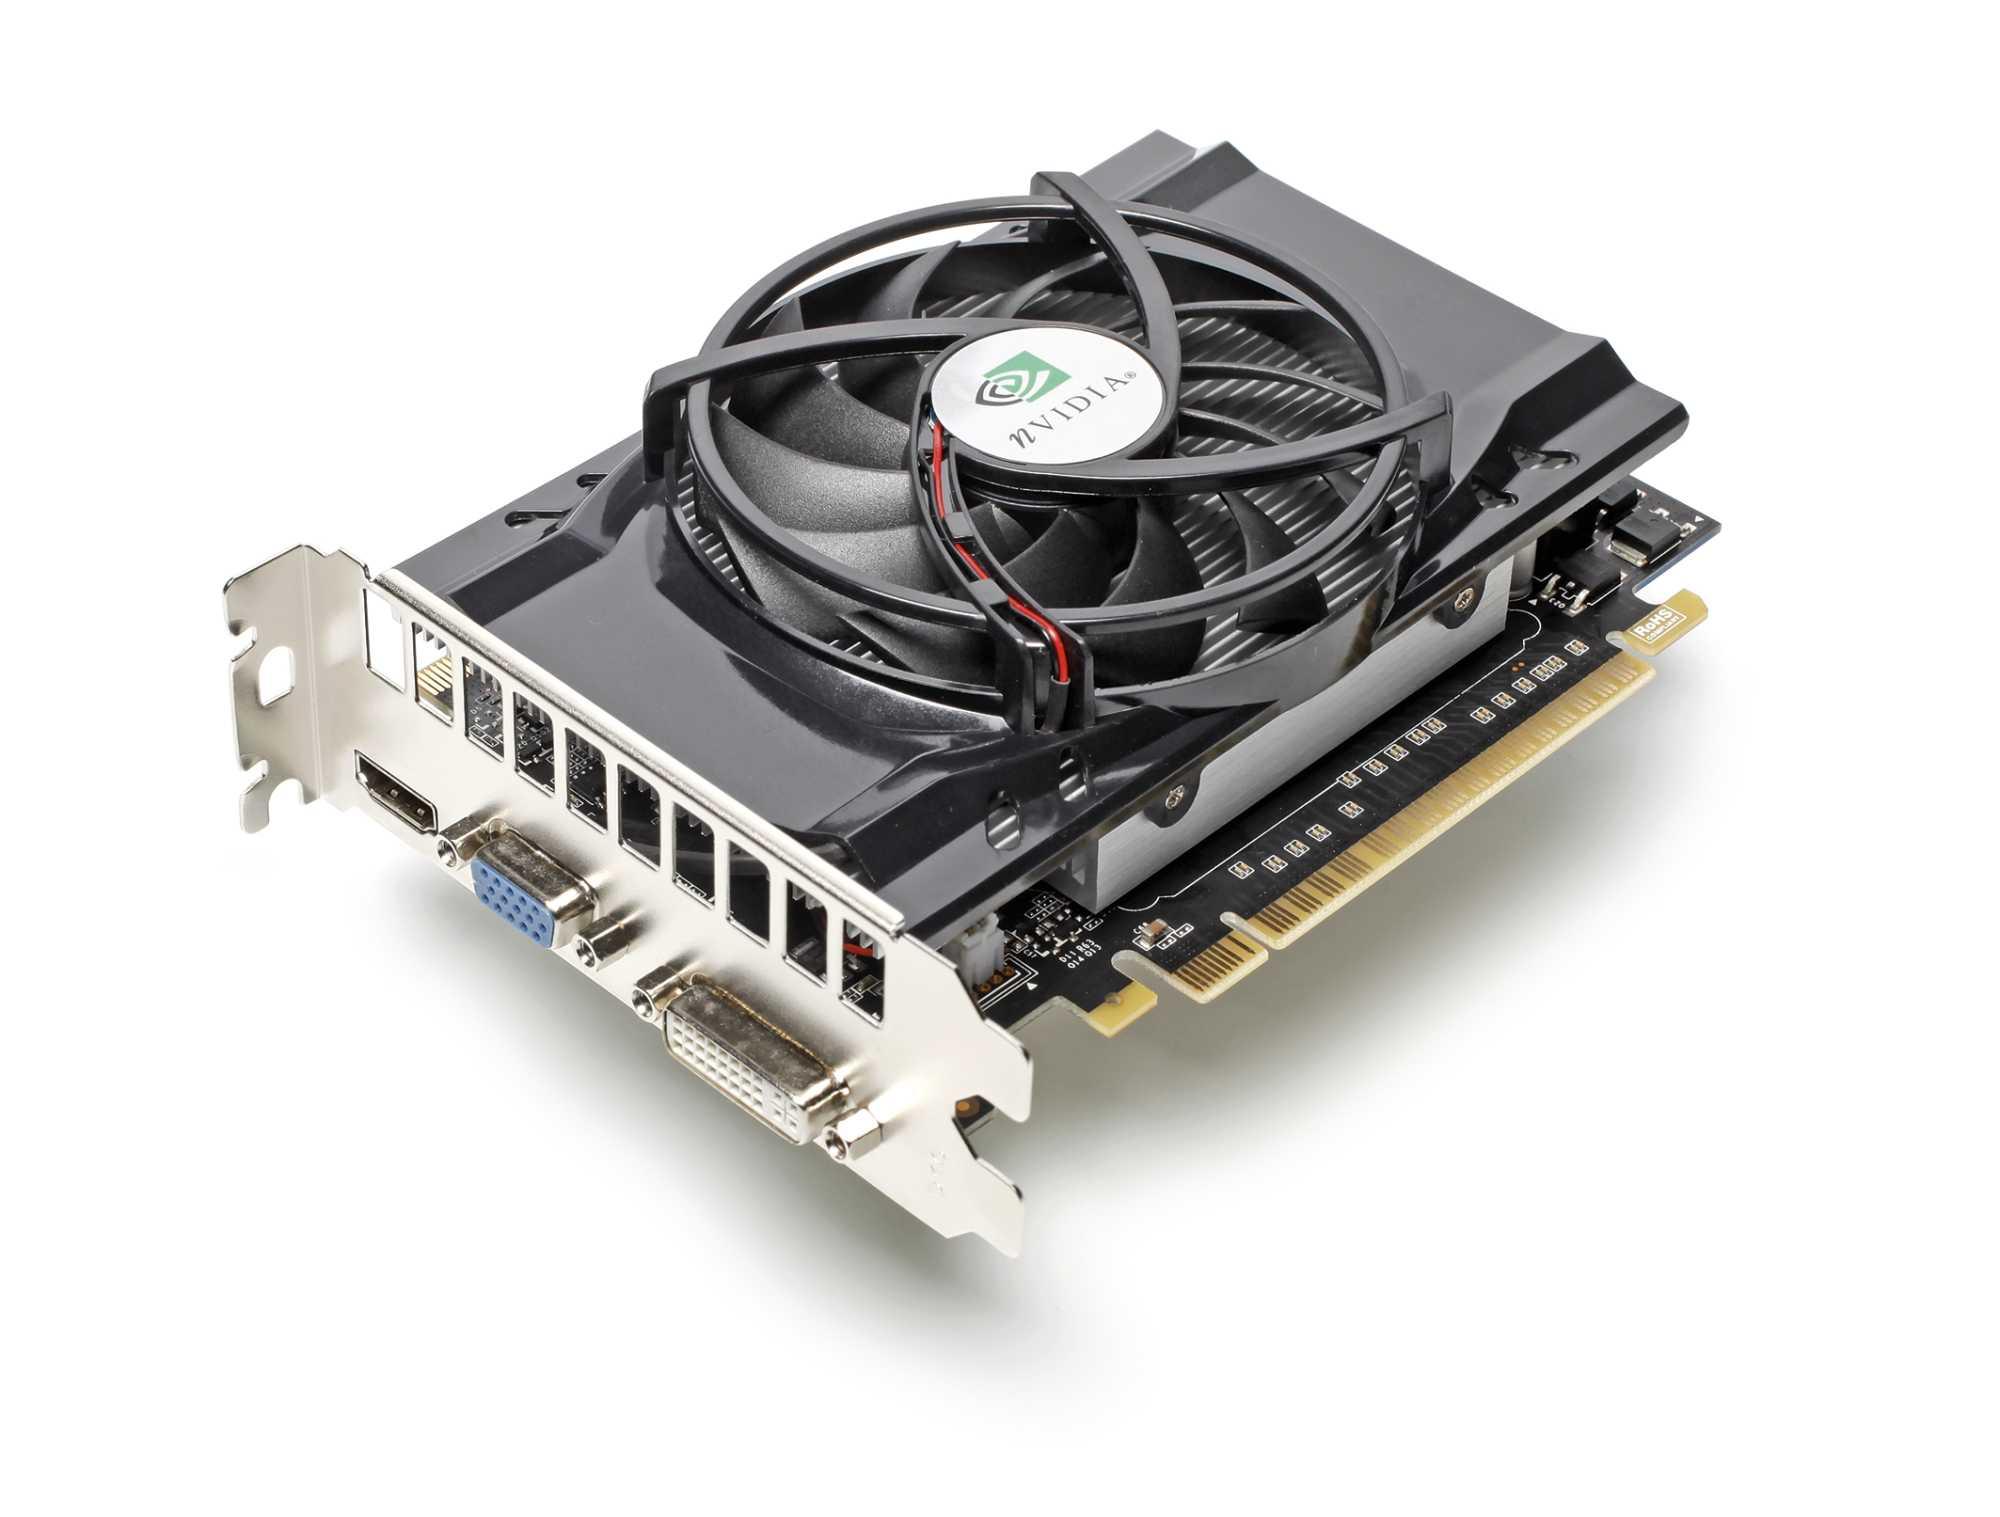 """Die """"GTX660 4096 Nvidia Bulk"""" ist eine gefälschte Karte mit Uralt-GPU. Der Treiber erkennt sie durch eine Bios-Manipulation fälschlicherweise als GeForce GTX 660."""